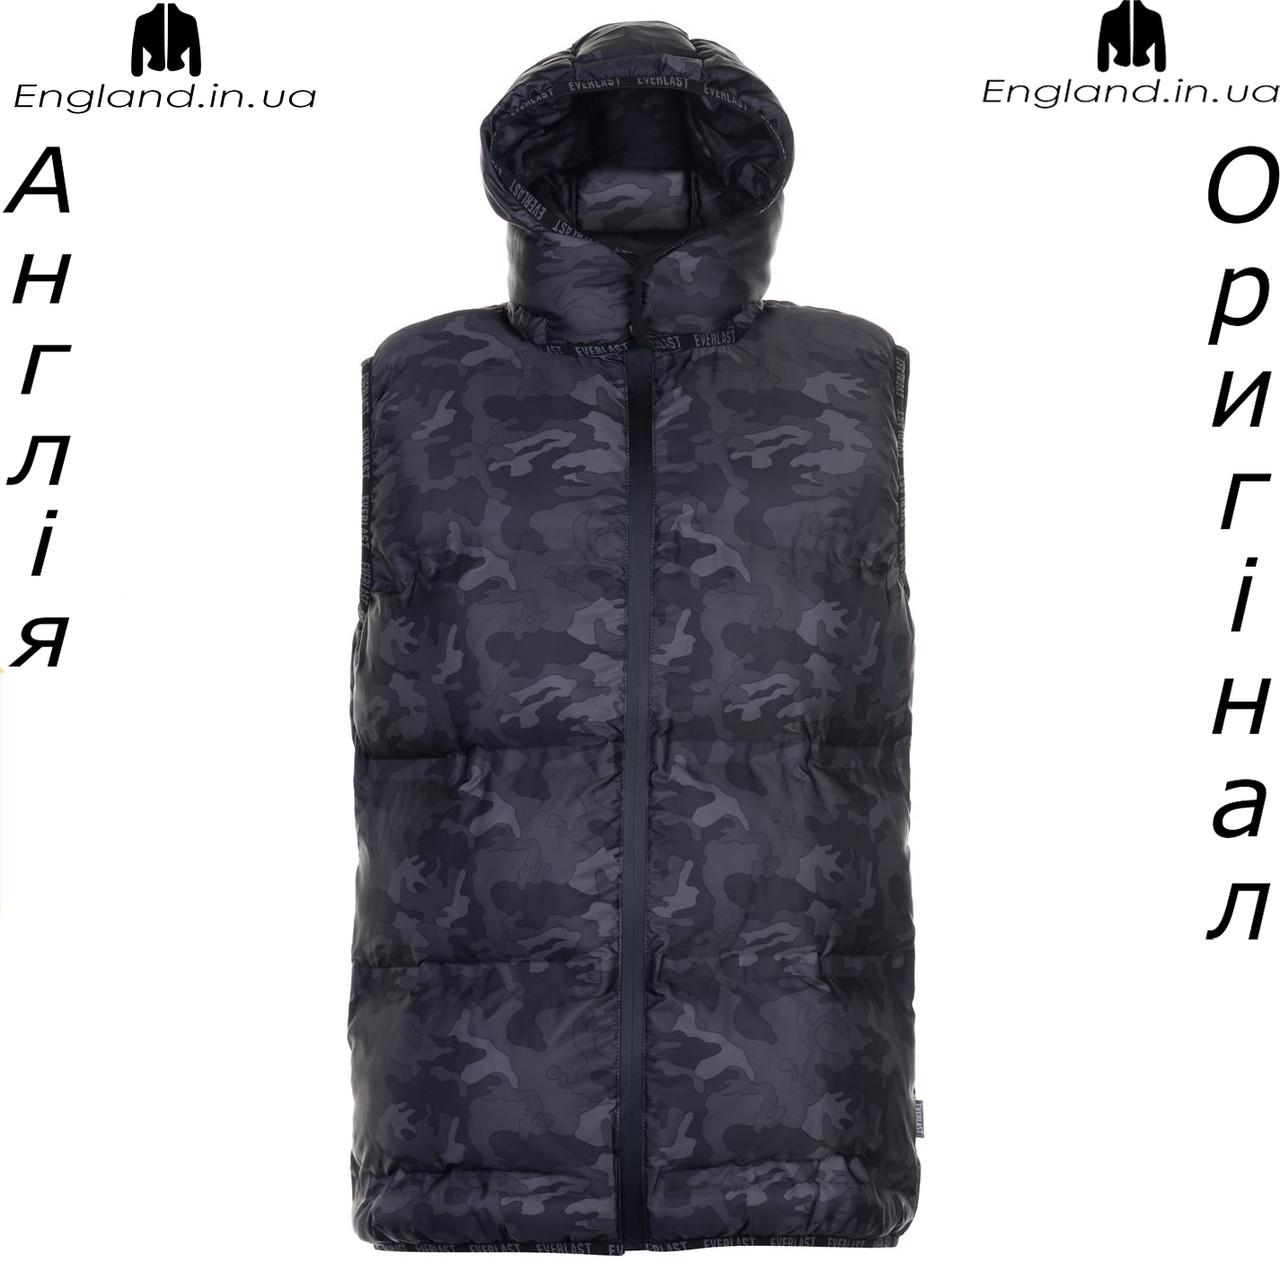 Размер - М (48). Жилет Everlast стеганый камуфляжный зимне/весенний съемный капюшон - Распродажа